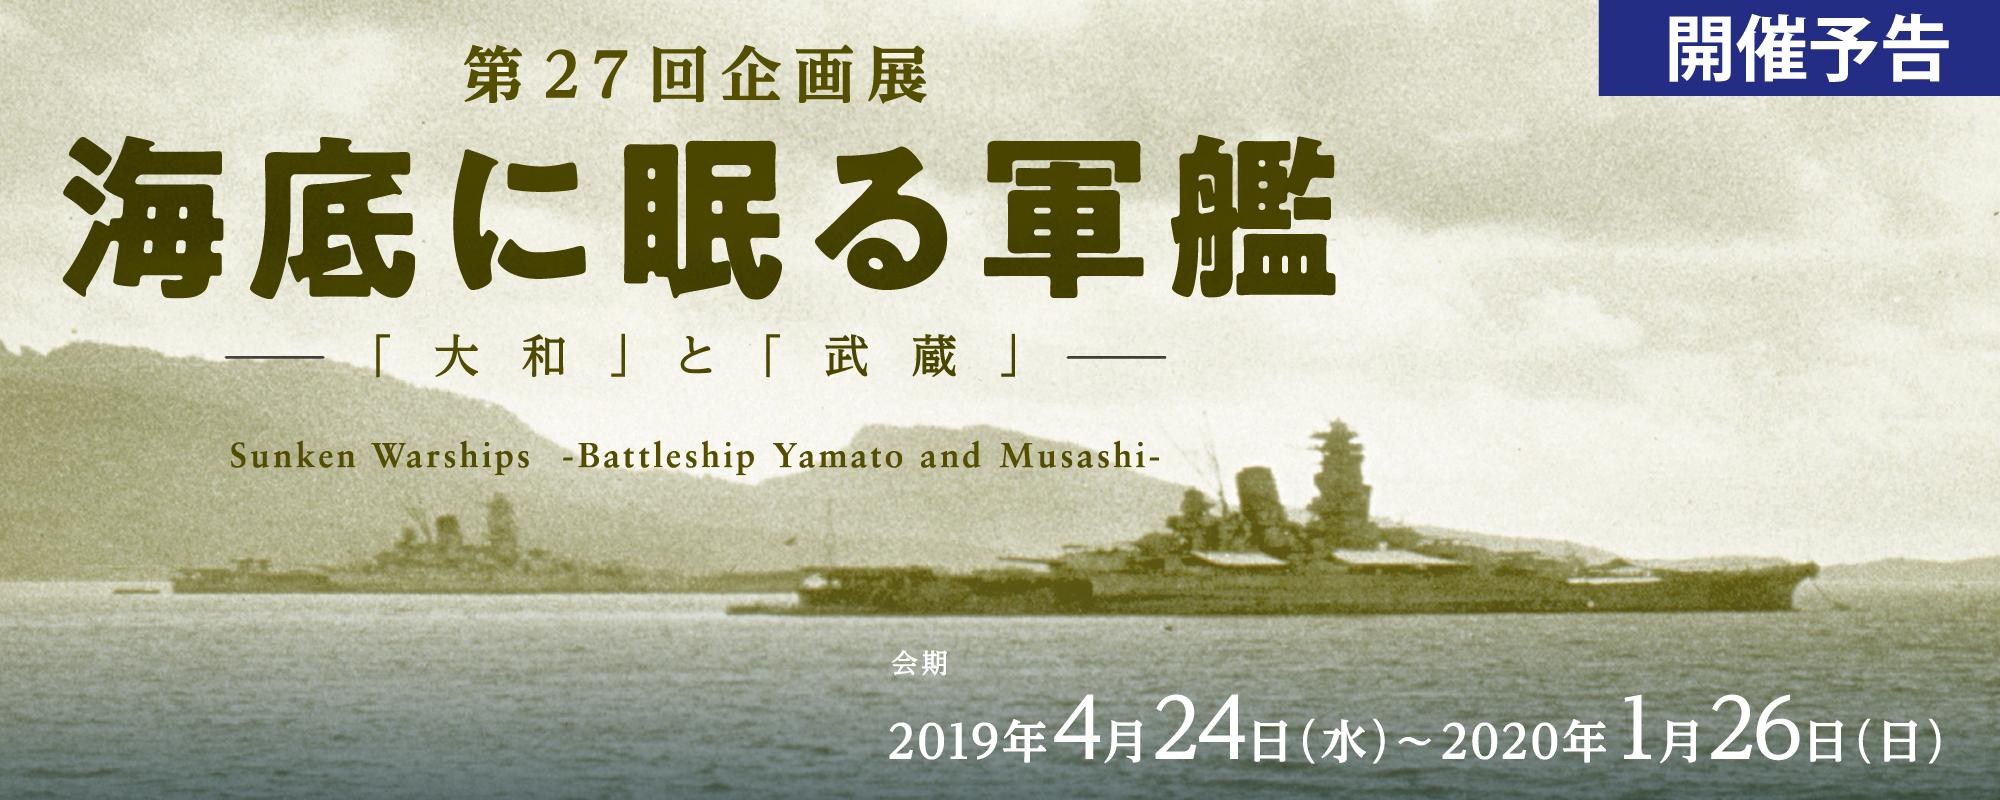 第27回企画展海底に眠る軍艦(開催予告)